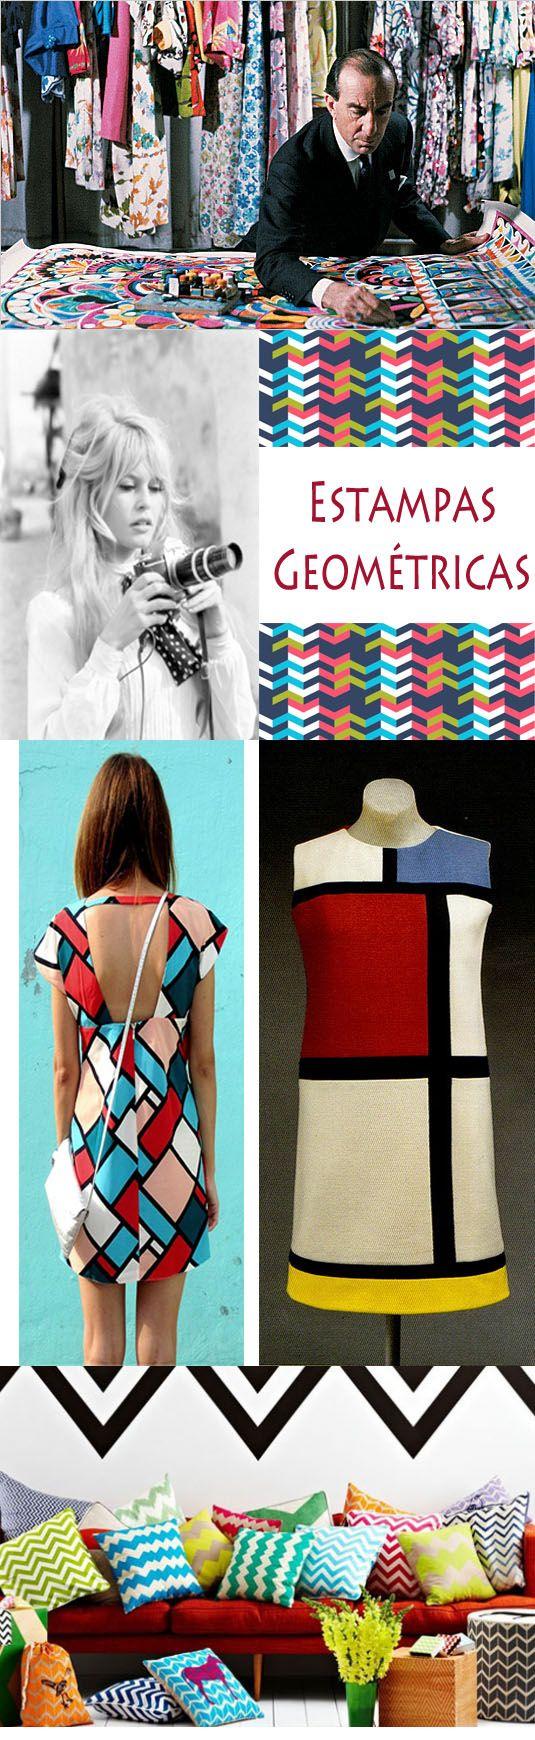 Formas geométricas - Imagine todas as formas geométricas que você conhece, desde quadrados e círculos, até trapézios e retângulos. Inspirada na moda dos anos 60, essas estampas que trazem a diversidade do verão, prometem ser a nova it-print da estação em 2013.